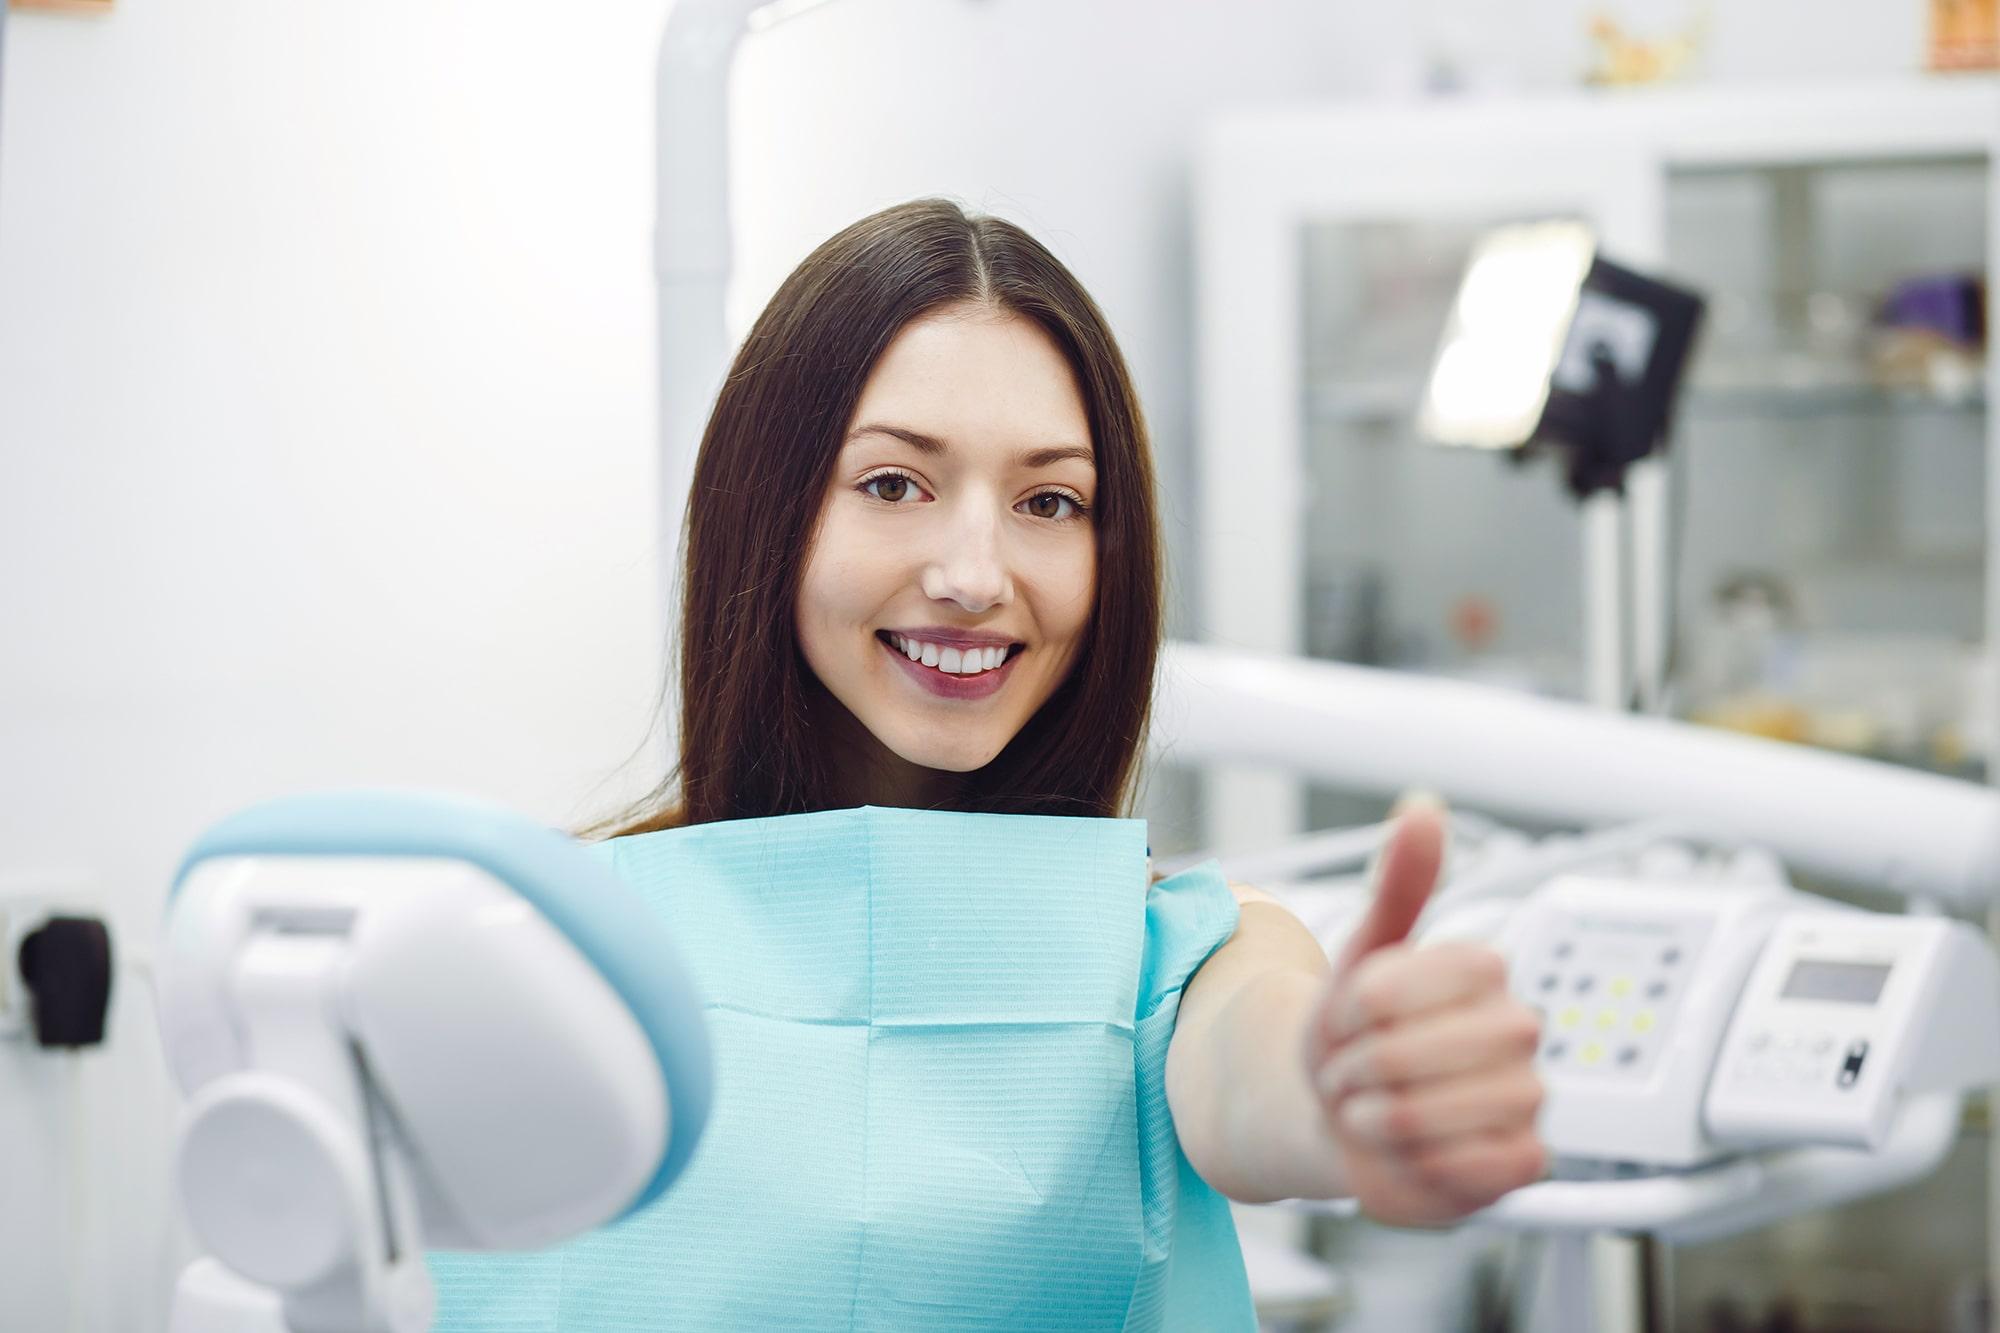 Tratamiento de sonrisa gingival con ácido hialurónico